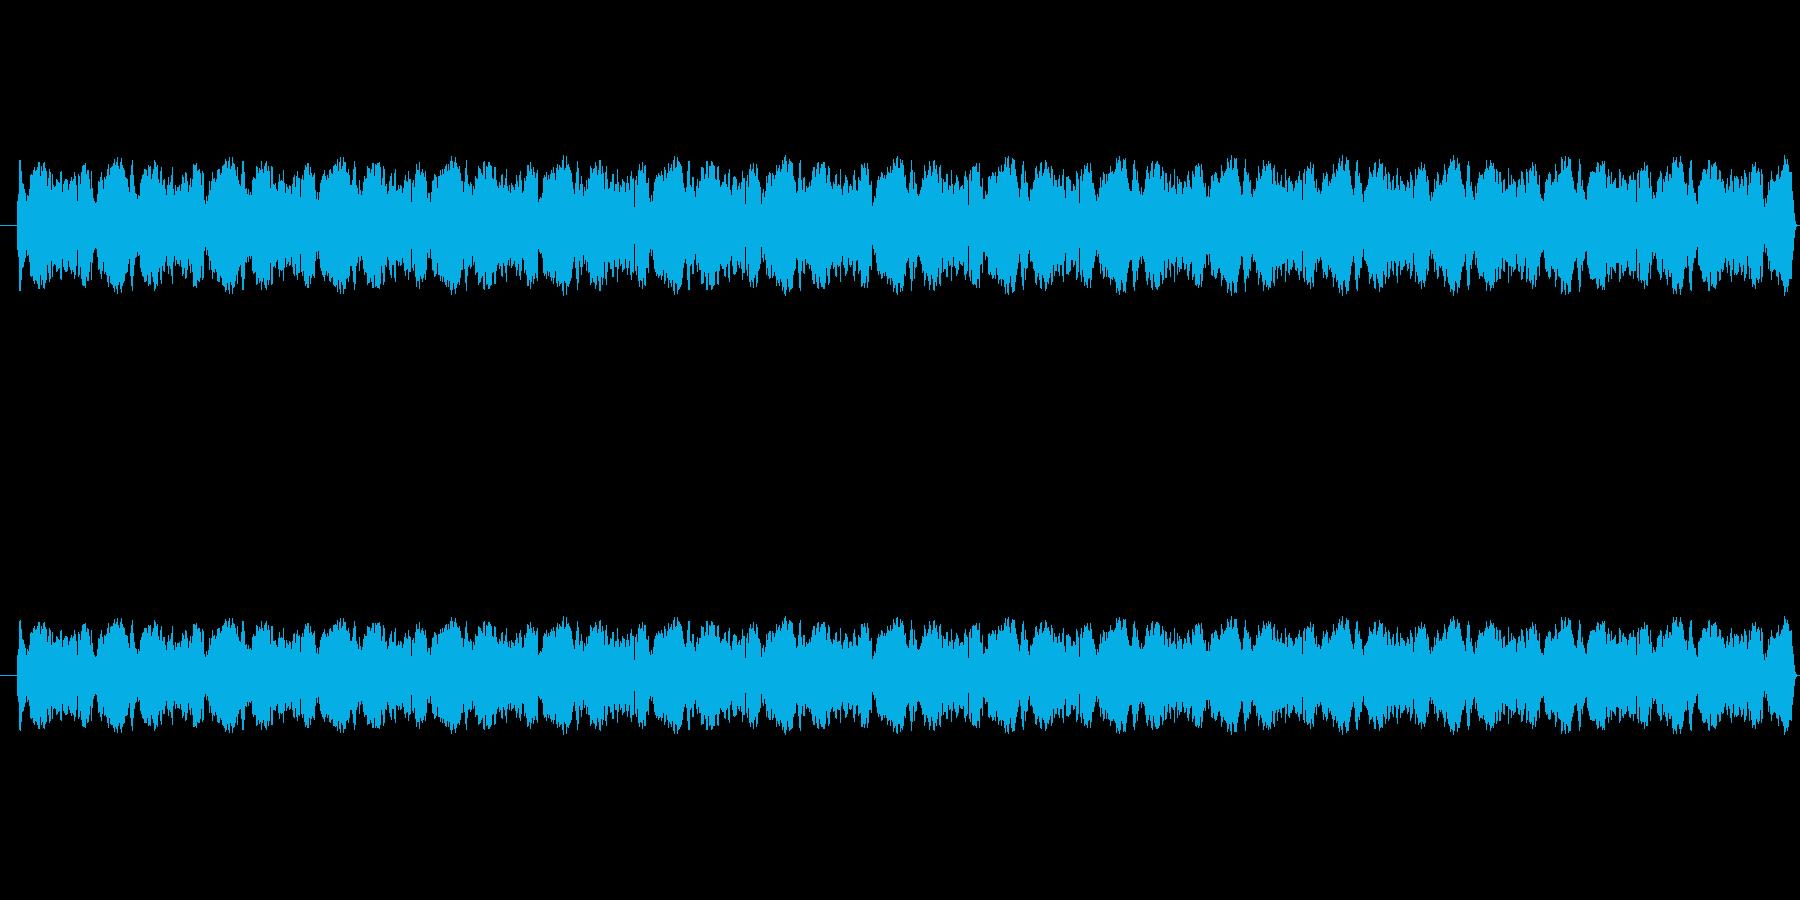 ウィンウィン(パトカーのサイレン音)の再生済みの波形